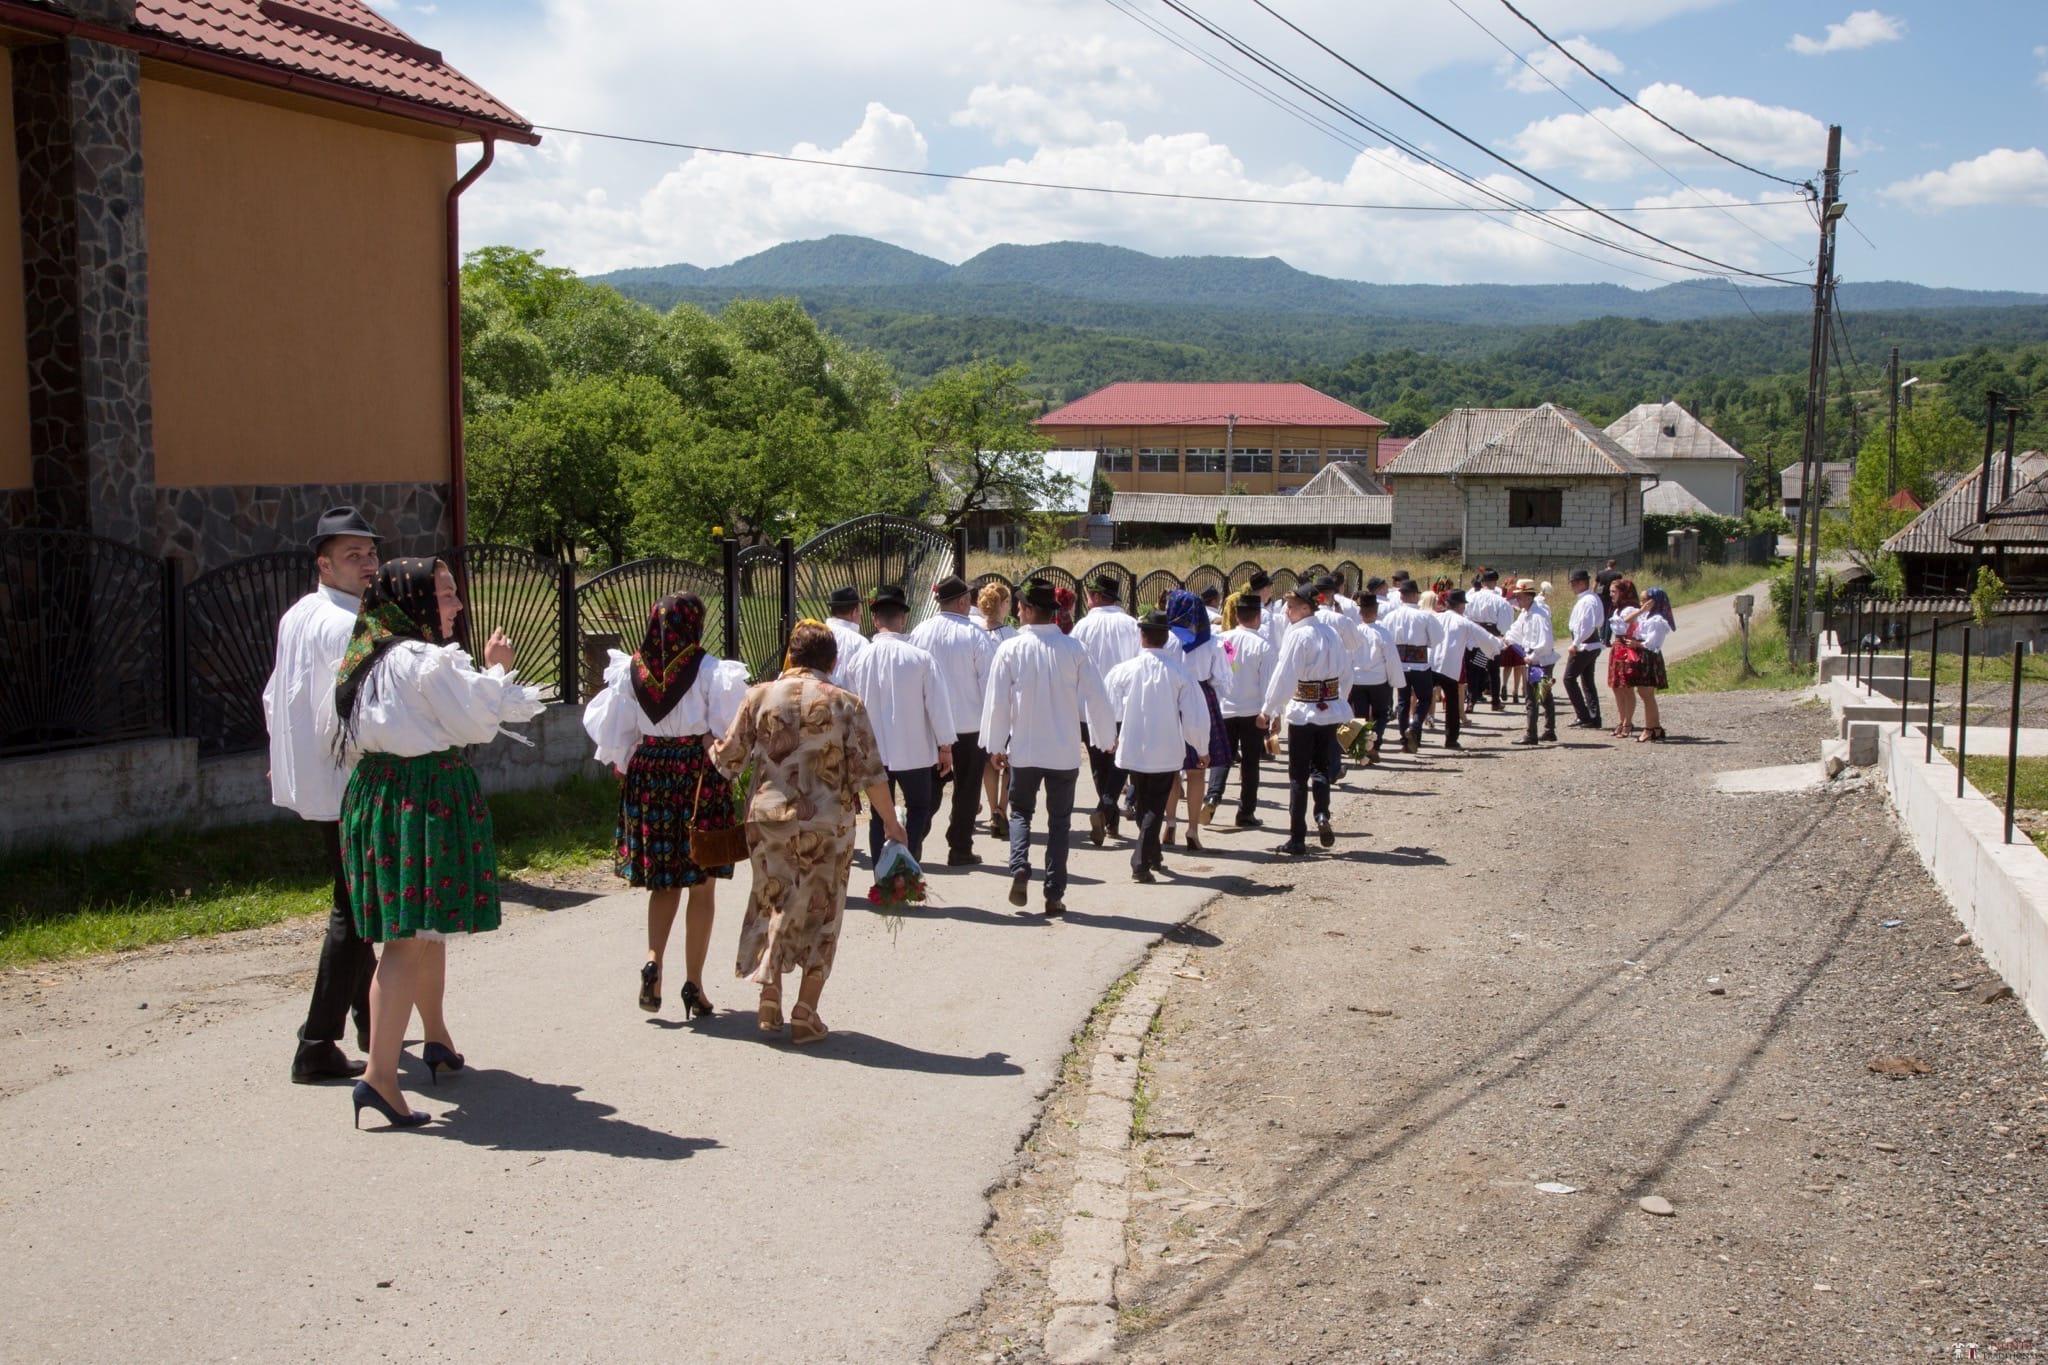 Povești Nunți Tradiționale - Ancuța și Nicu, cununie tradițională în Giulești, Maramureș 15